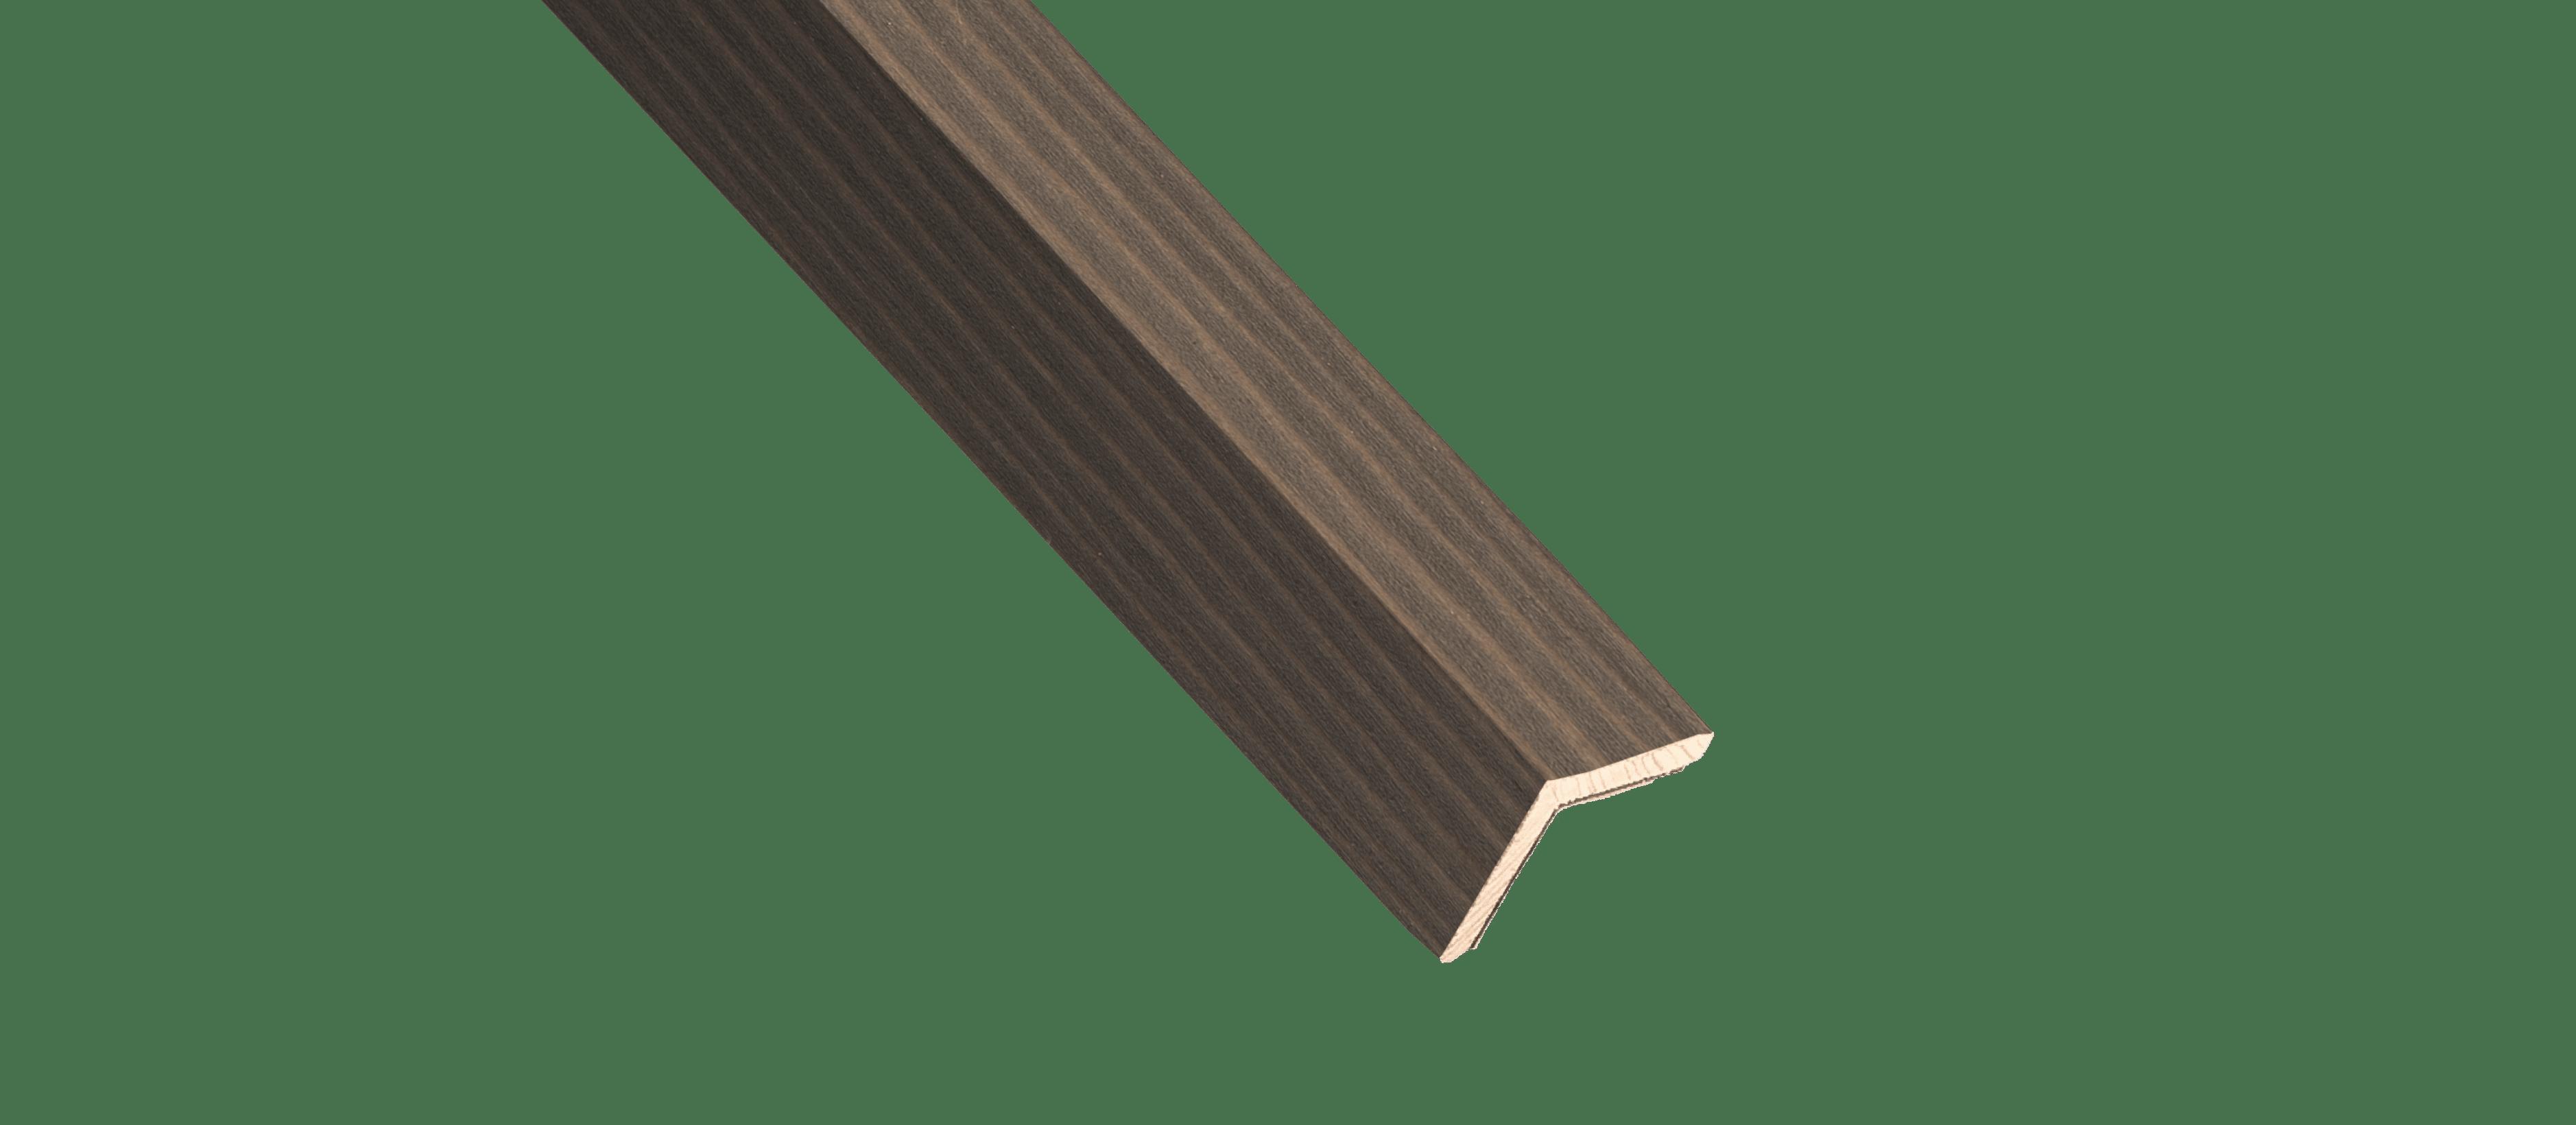 Vertical Grain Mountain Moss Wood Corner Trim Sample